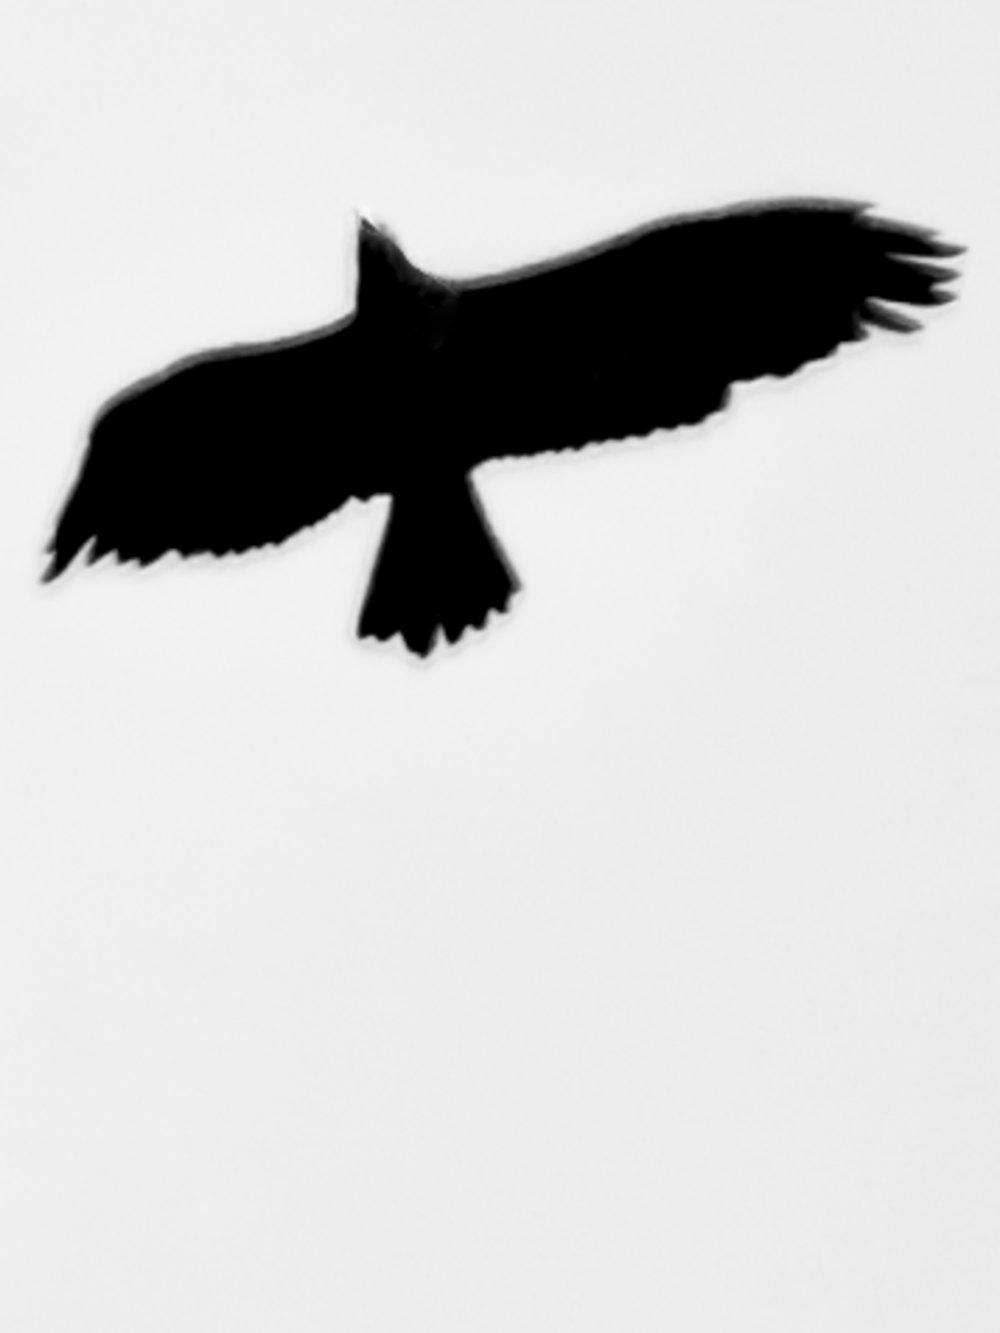 «L'Aigle royal est le plus grand prédateur ayant survécu dans notre pays. Il est là pour nous rappeler le temps où la nature était intacte, avec ses Loups et ses Ours. Son inaccessibilité dans la montagne, son royaume, l'a partiellement protégé des assauts de la civilisation et des persécutions humaines», description recueillie sur le site www.vogelwarte.ch.